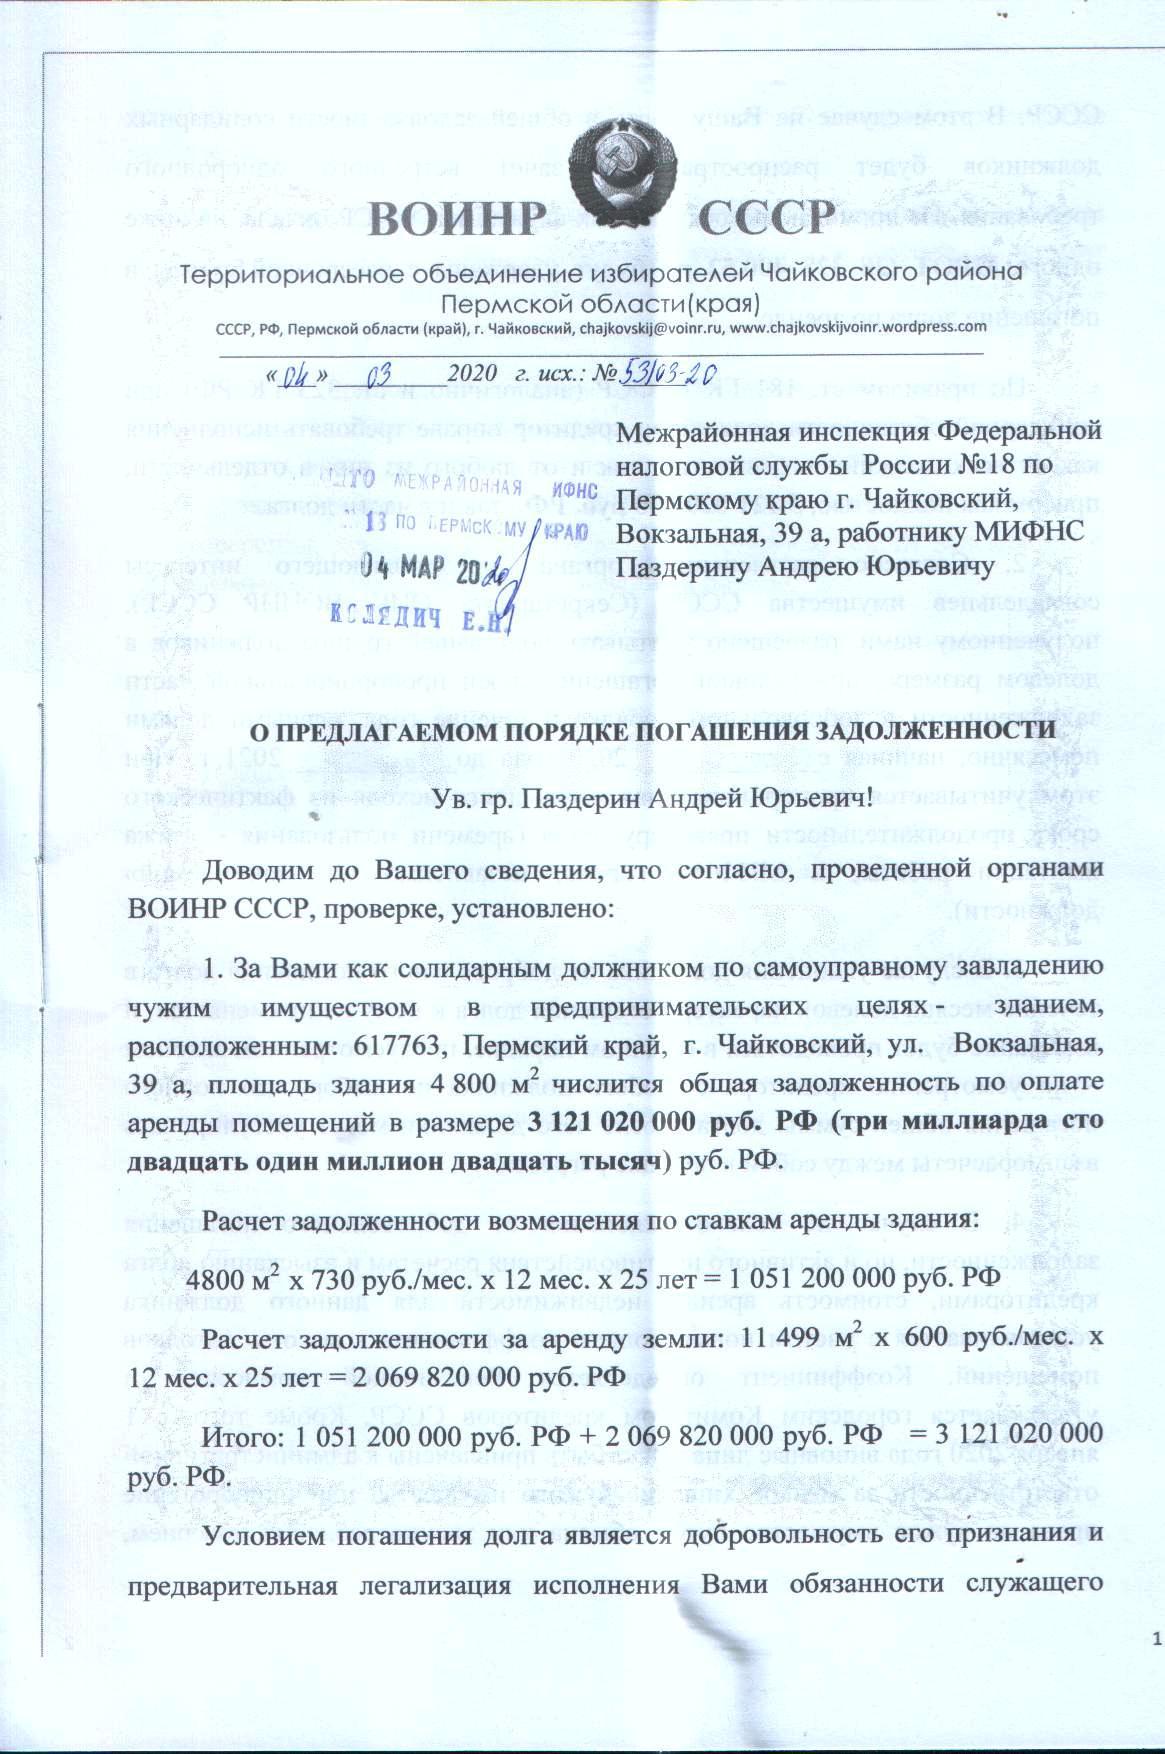 Вручение писем должникам из налоговой инспекции | ВОИНР ...